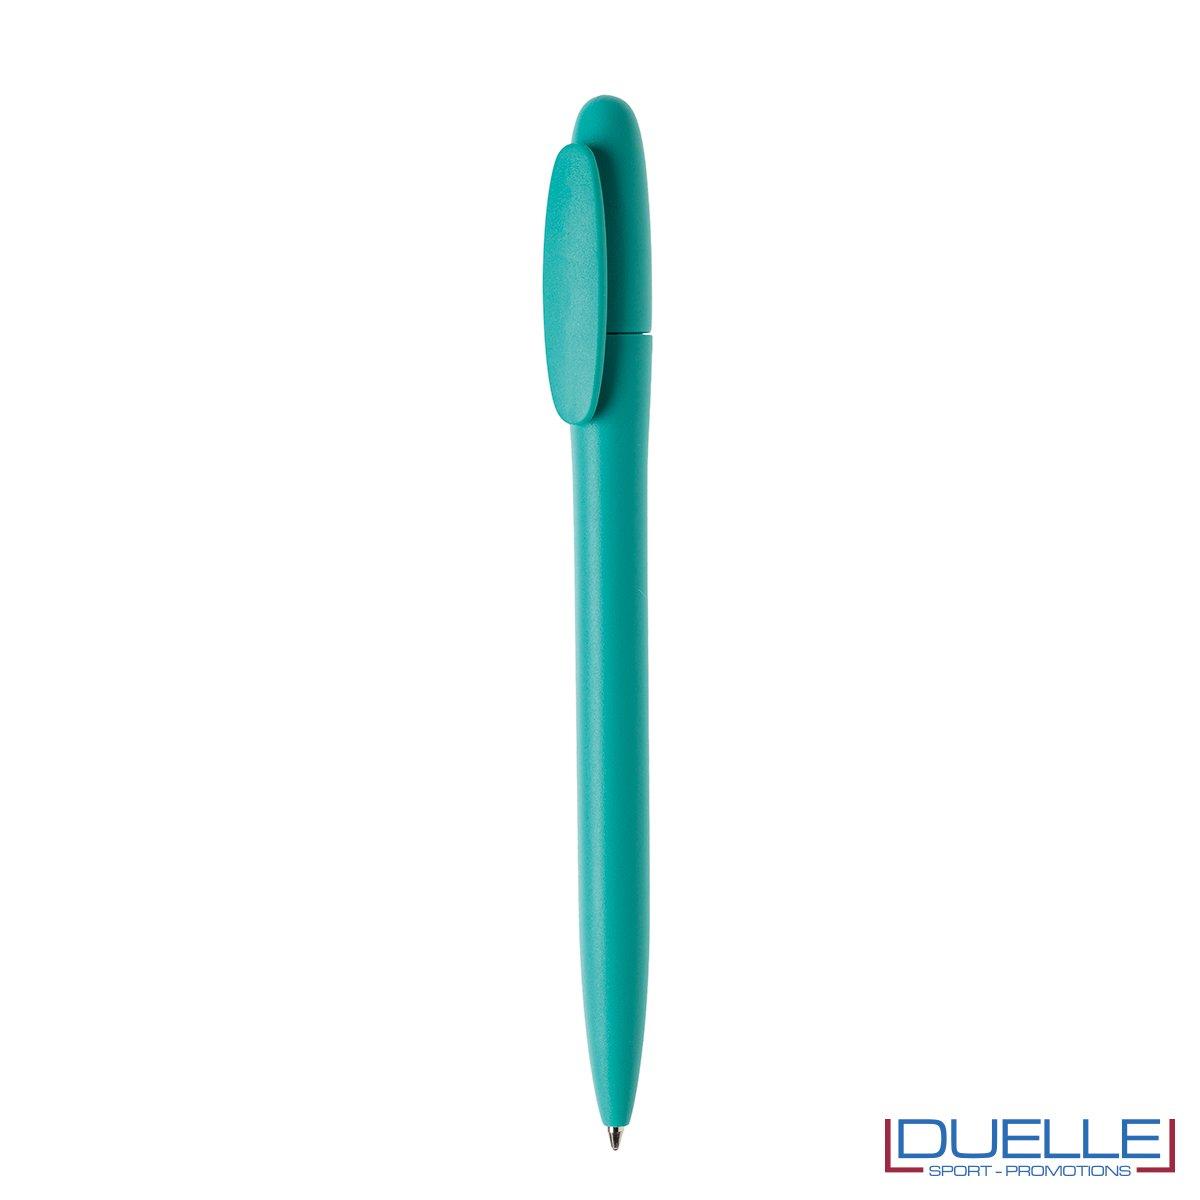 Penna in plastica colore coprente satinato personalizzata azzurro atollo